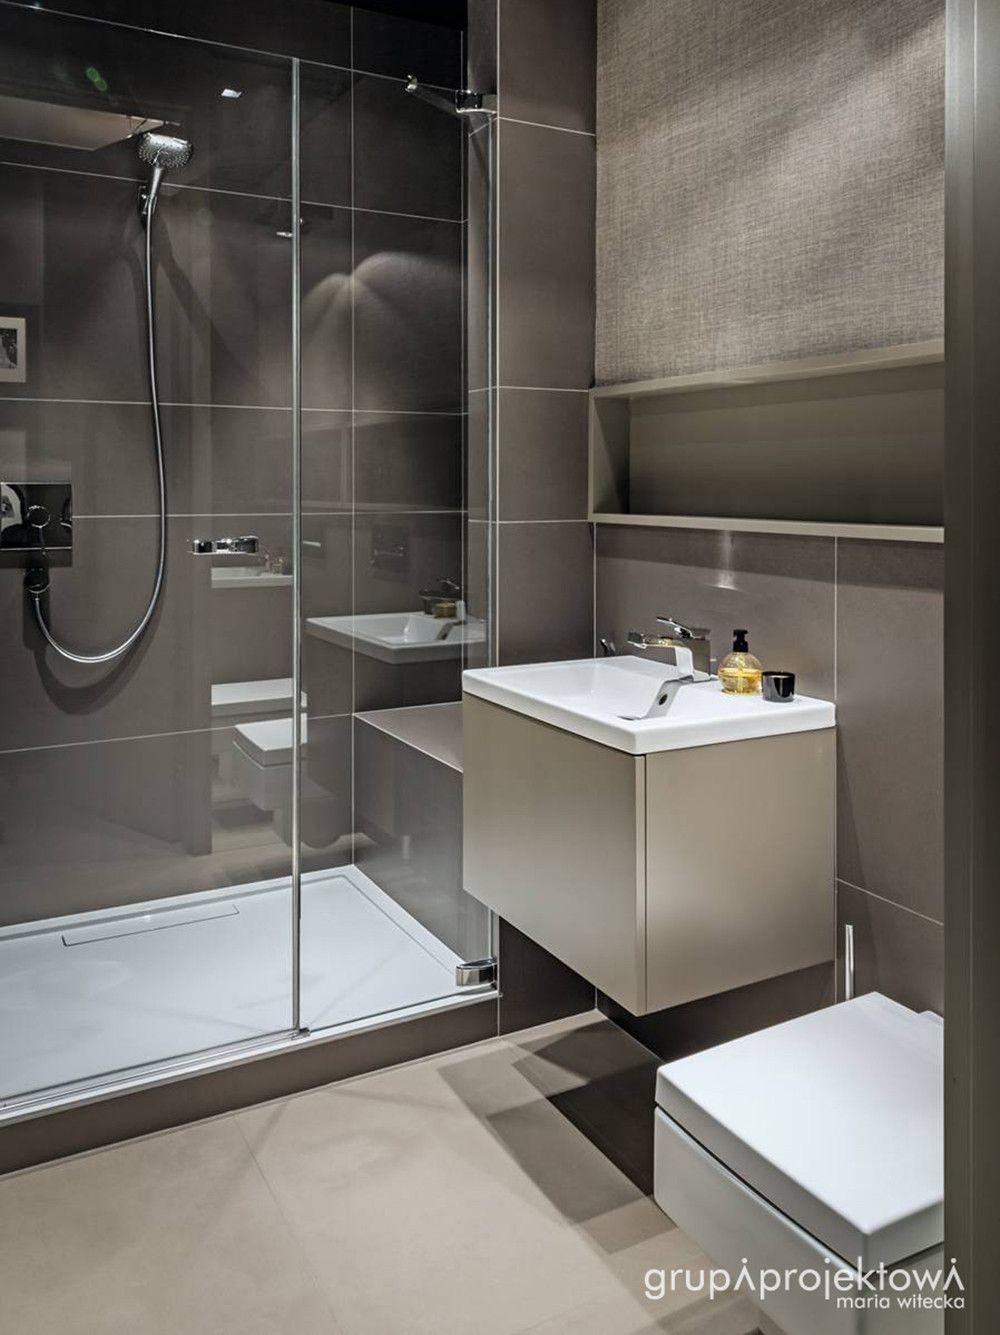 PrysznicwmałejłazienceGrupaProjektowaMariaWitecka